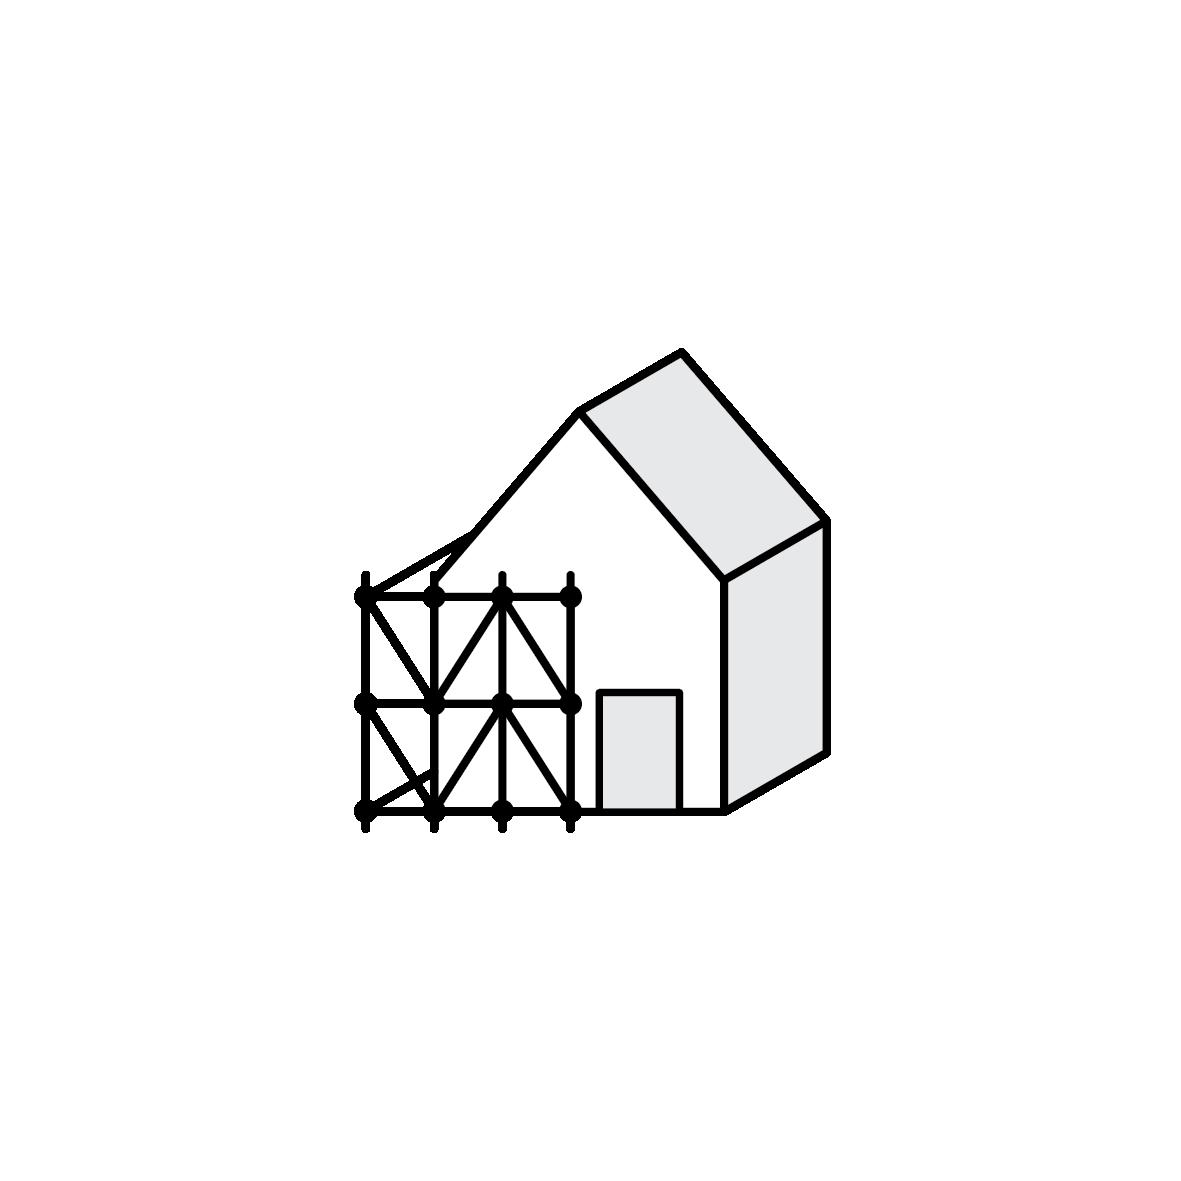 Ingrijpende Energetische Renovatie (IER)-1585216354